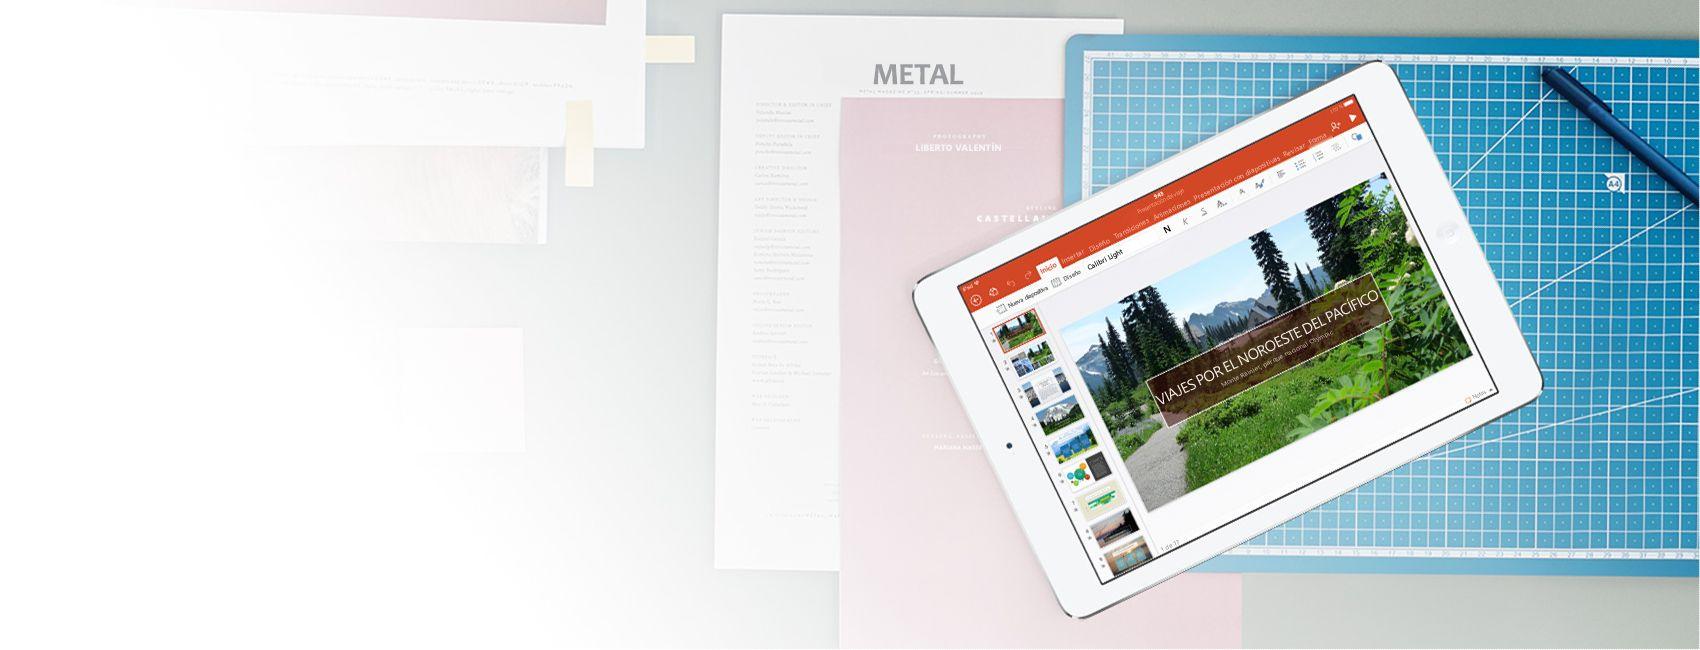 Un iPad que muestra una presentación de PowerPoint sobre Pacific Northwest Travels